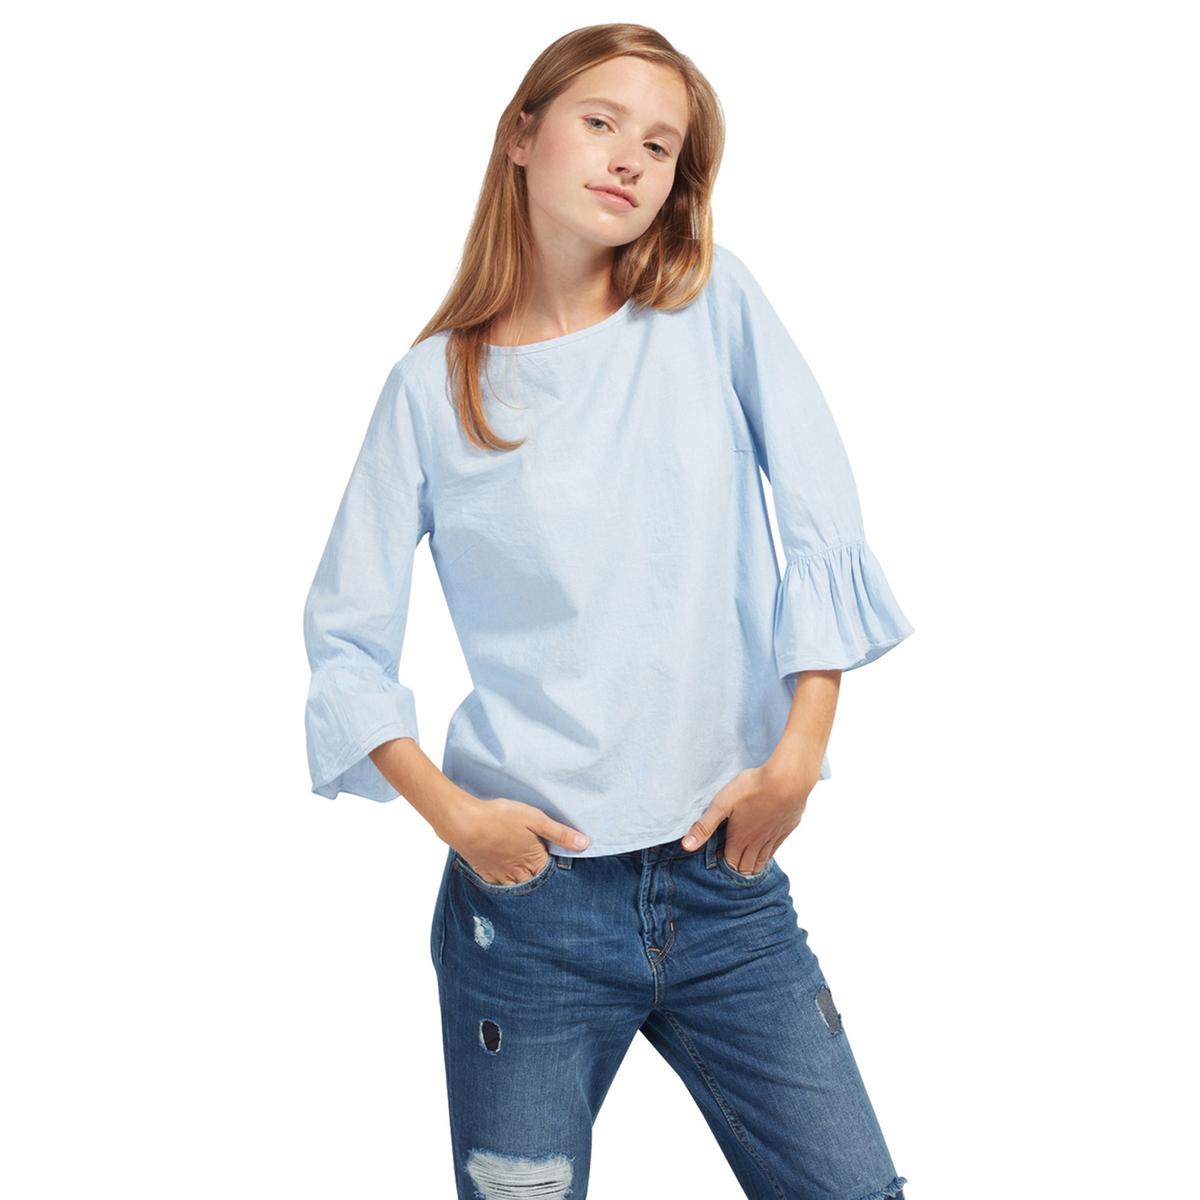 Блузка однотонная с круглым вырезом и рукавами 3/4Детали •  Рукава 3/4 •  Круглый вырезСостав и уход •  100% хлопок  •  Следуйте советам по уходу, указанным на этикетке<br><br>Цвет: синий шамбре<br>Размер: S